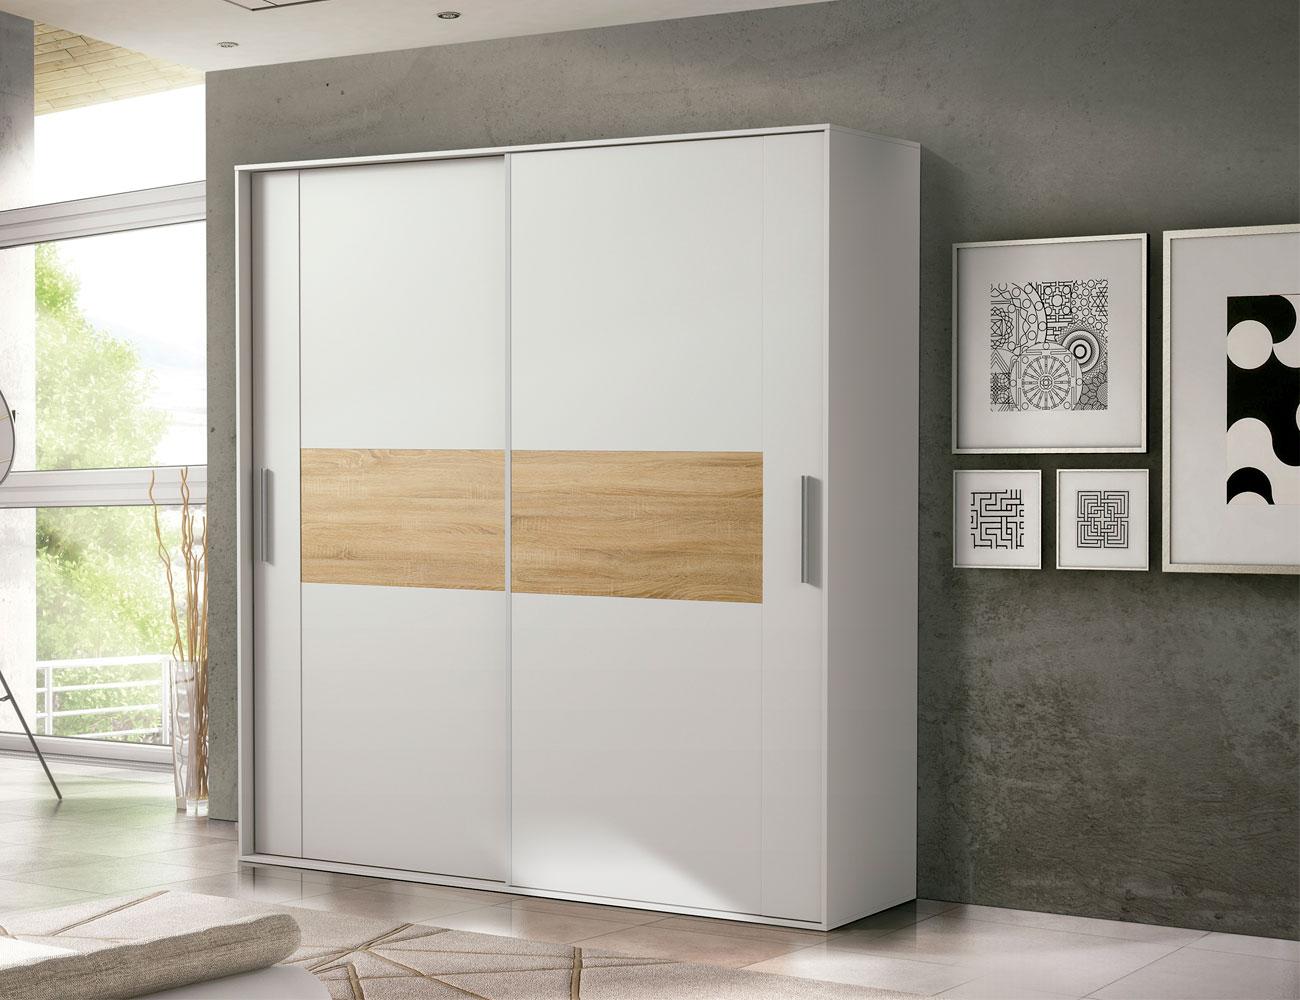 Armario 2 puertas correderas moderno blanco cambrian1